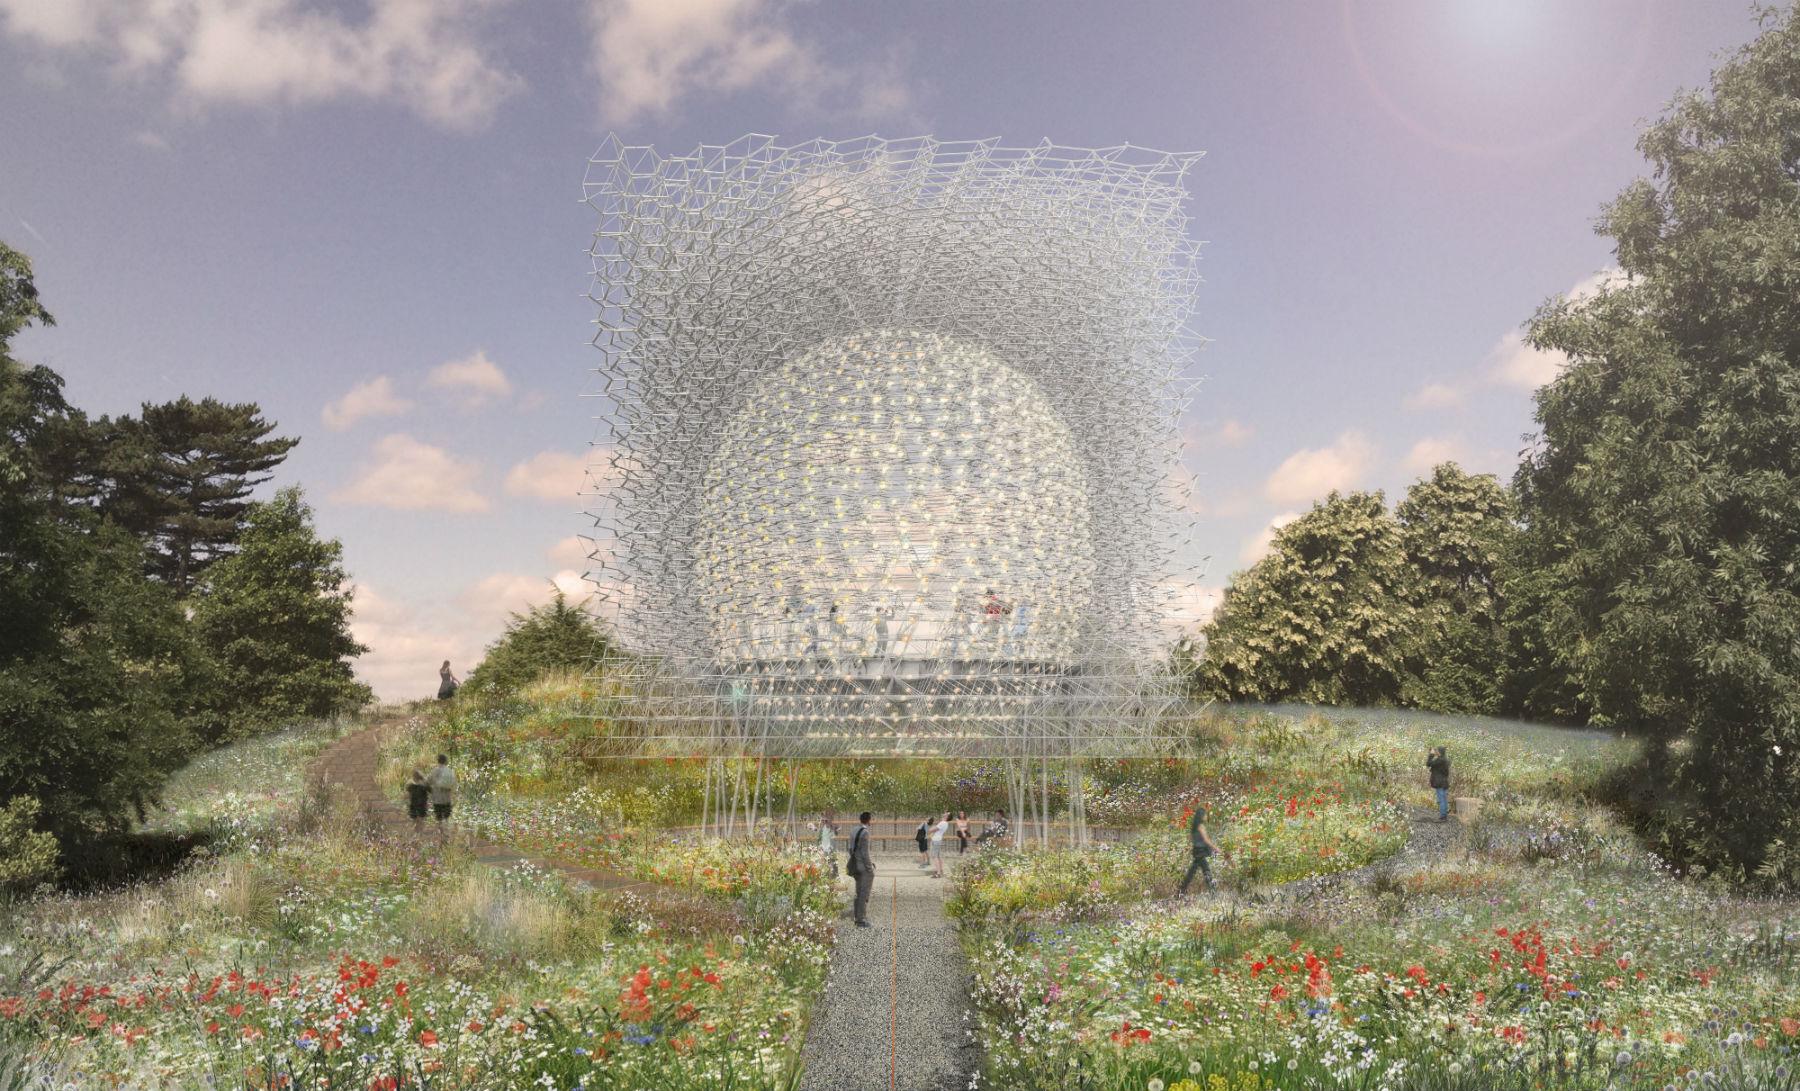 Simulação de como será a instalação The Hive no Kew Gardens em Londres